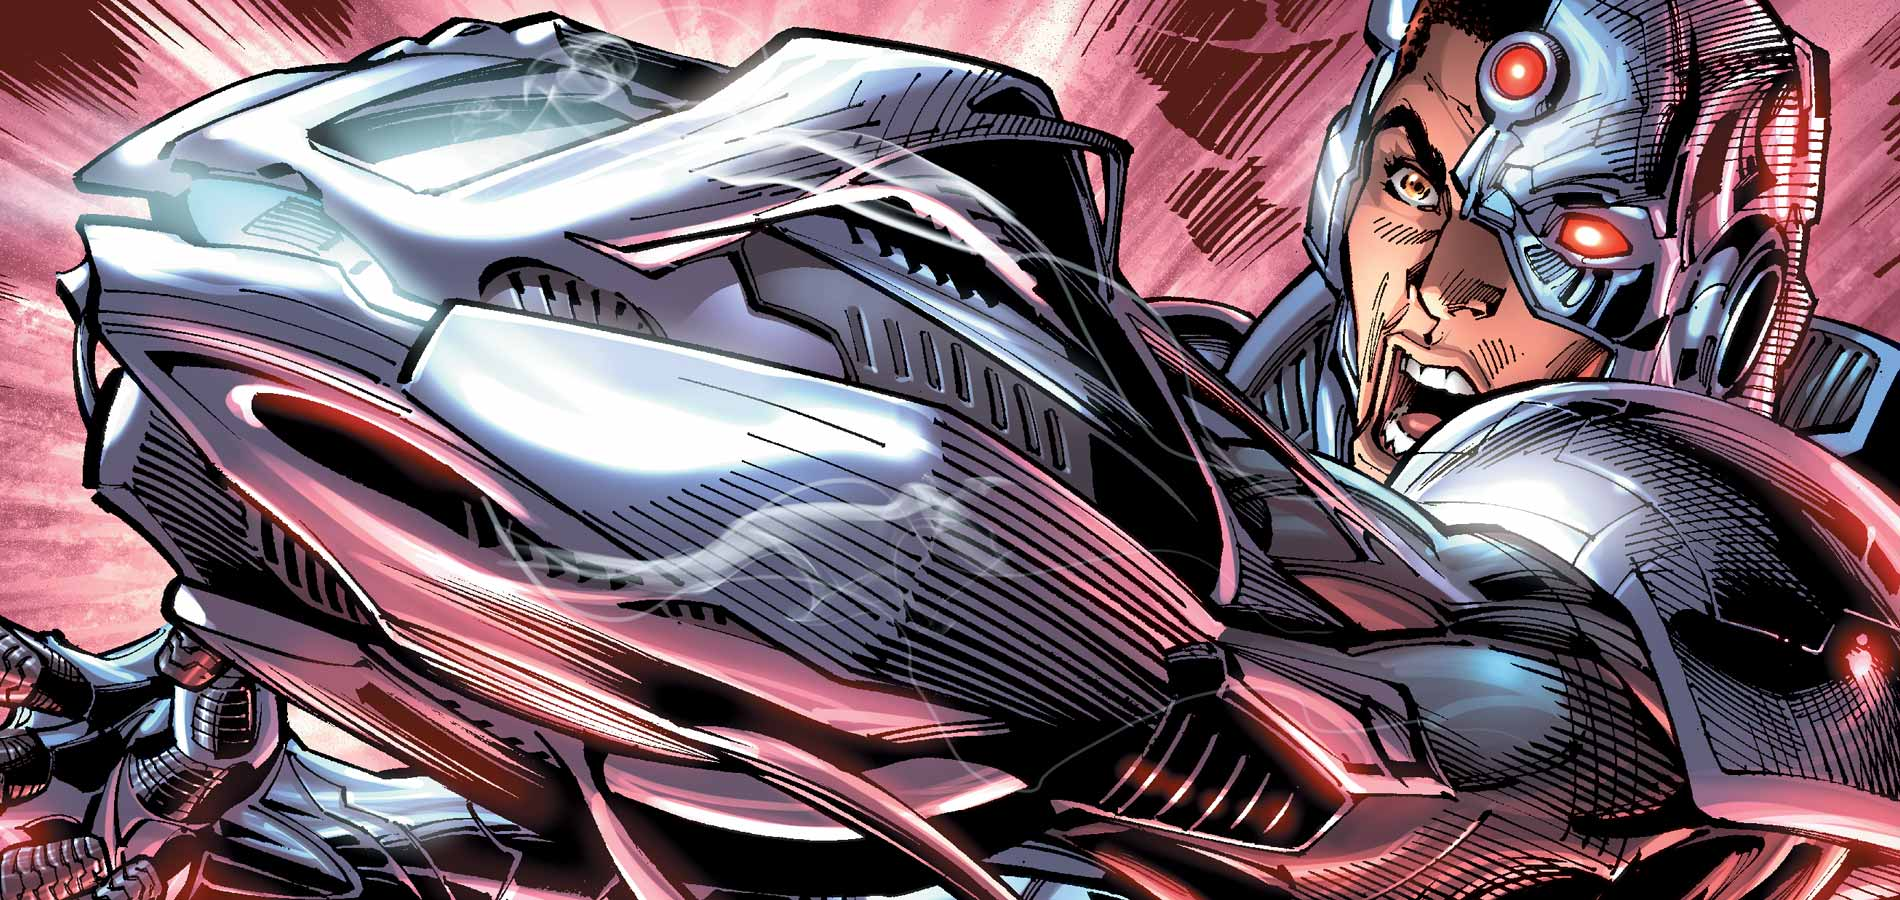 Cyborg podría aparecer en la película de The Flash